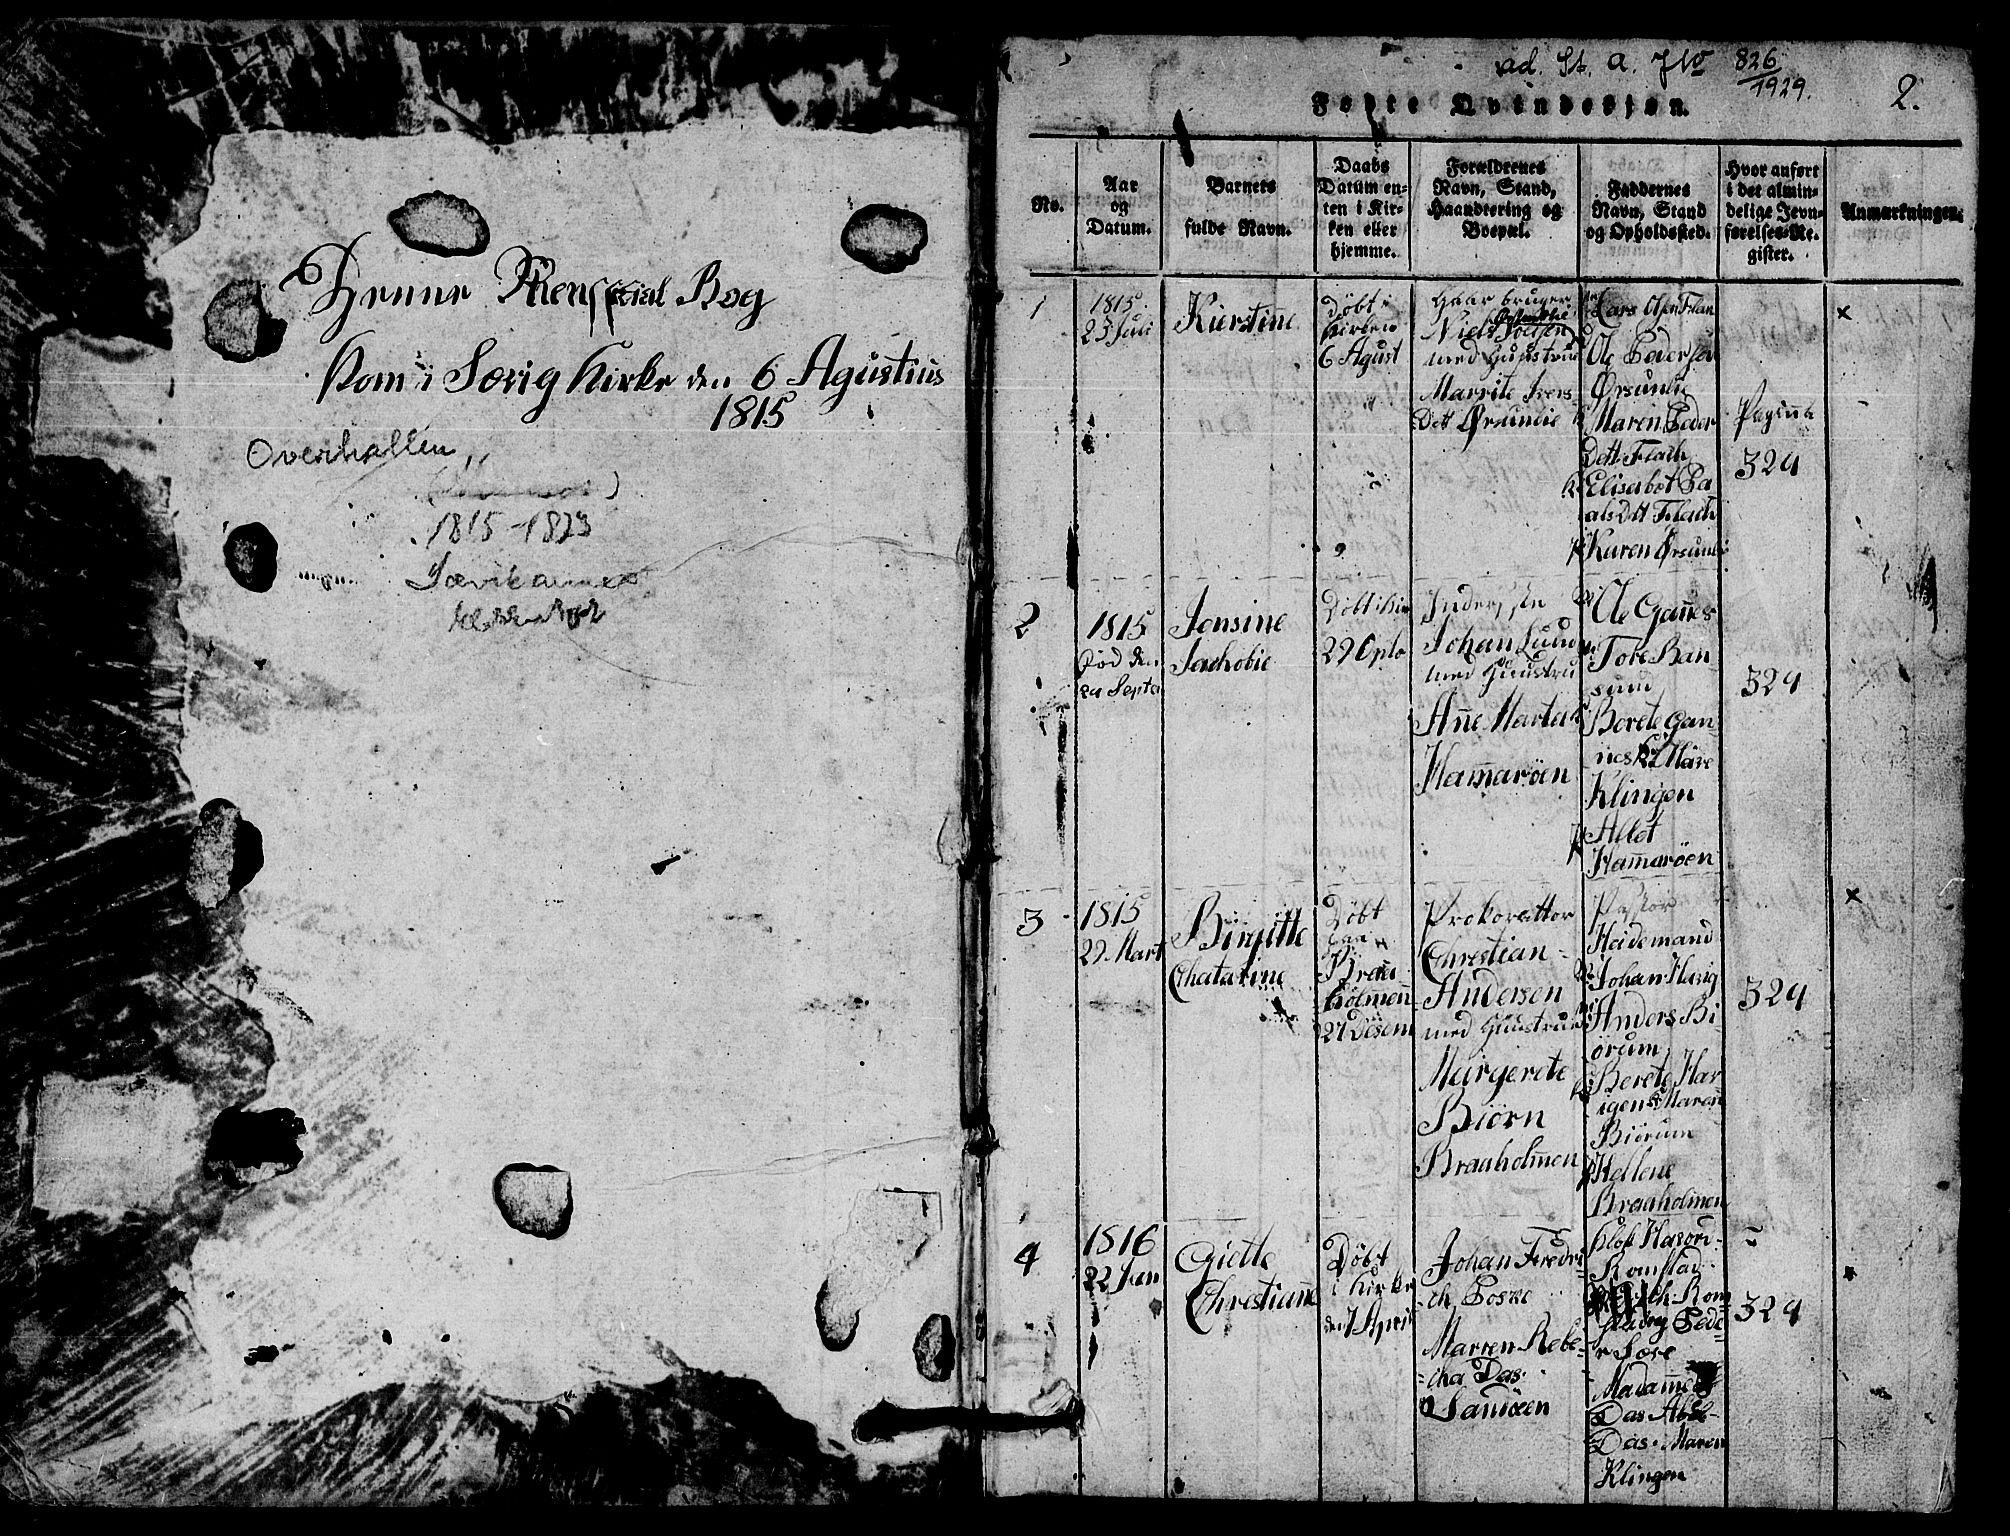 SAT, Ministerialprotokoller, klokkerbøker og fødselsregistre - Nord-Trøndelag, 770/L0590: Klokkerbok nr. 770C01, 1815-1824, s. 2